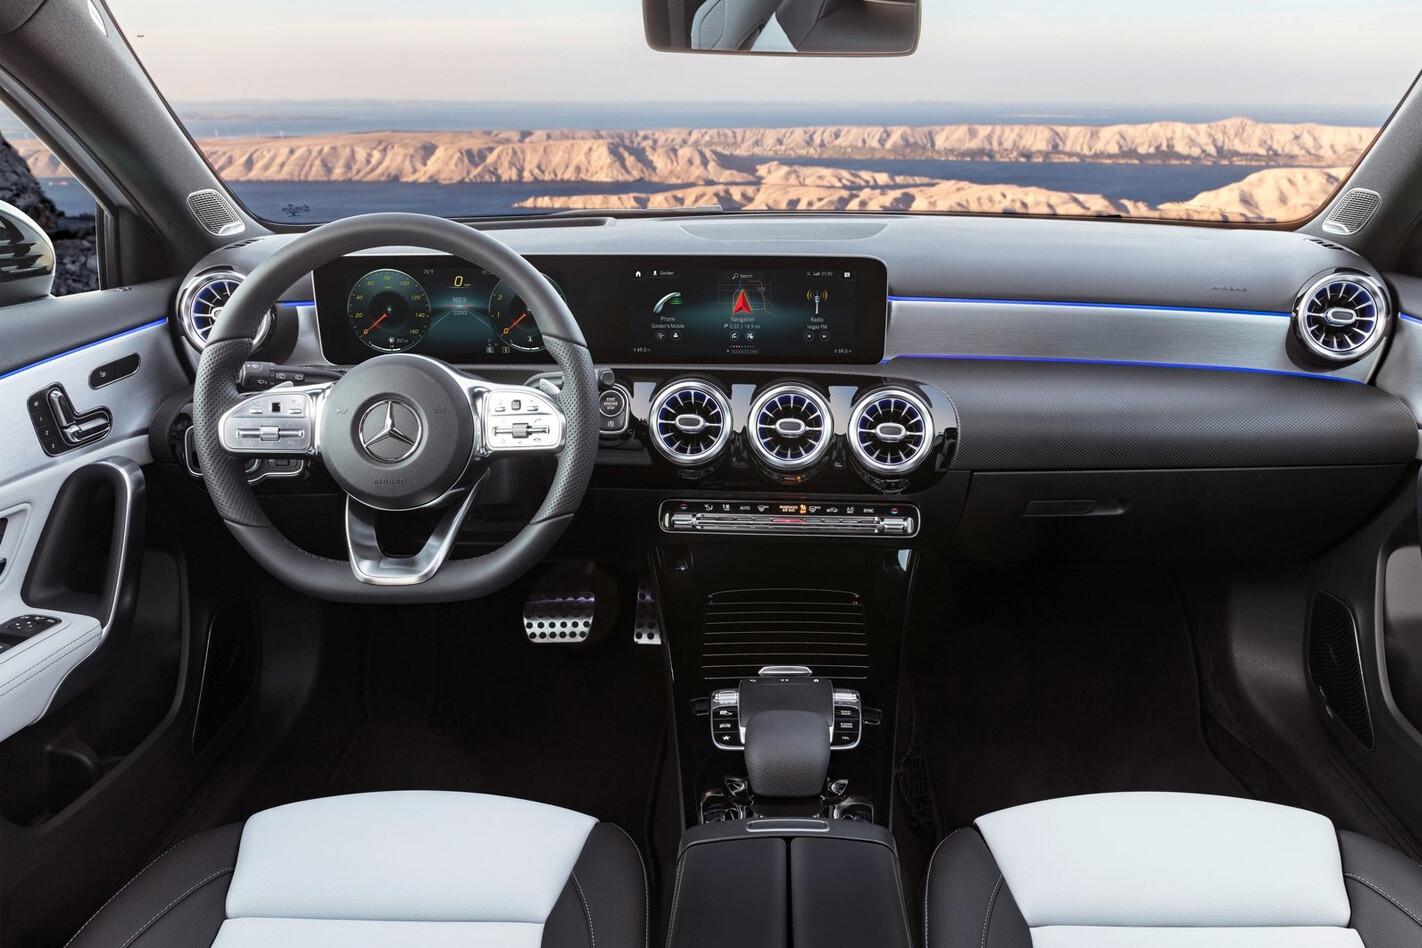 Mercedes A Class Interior Jpg